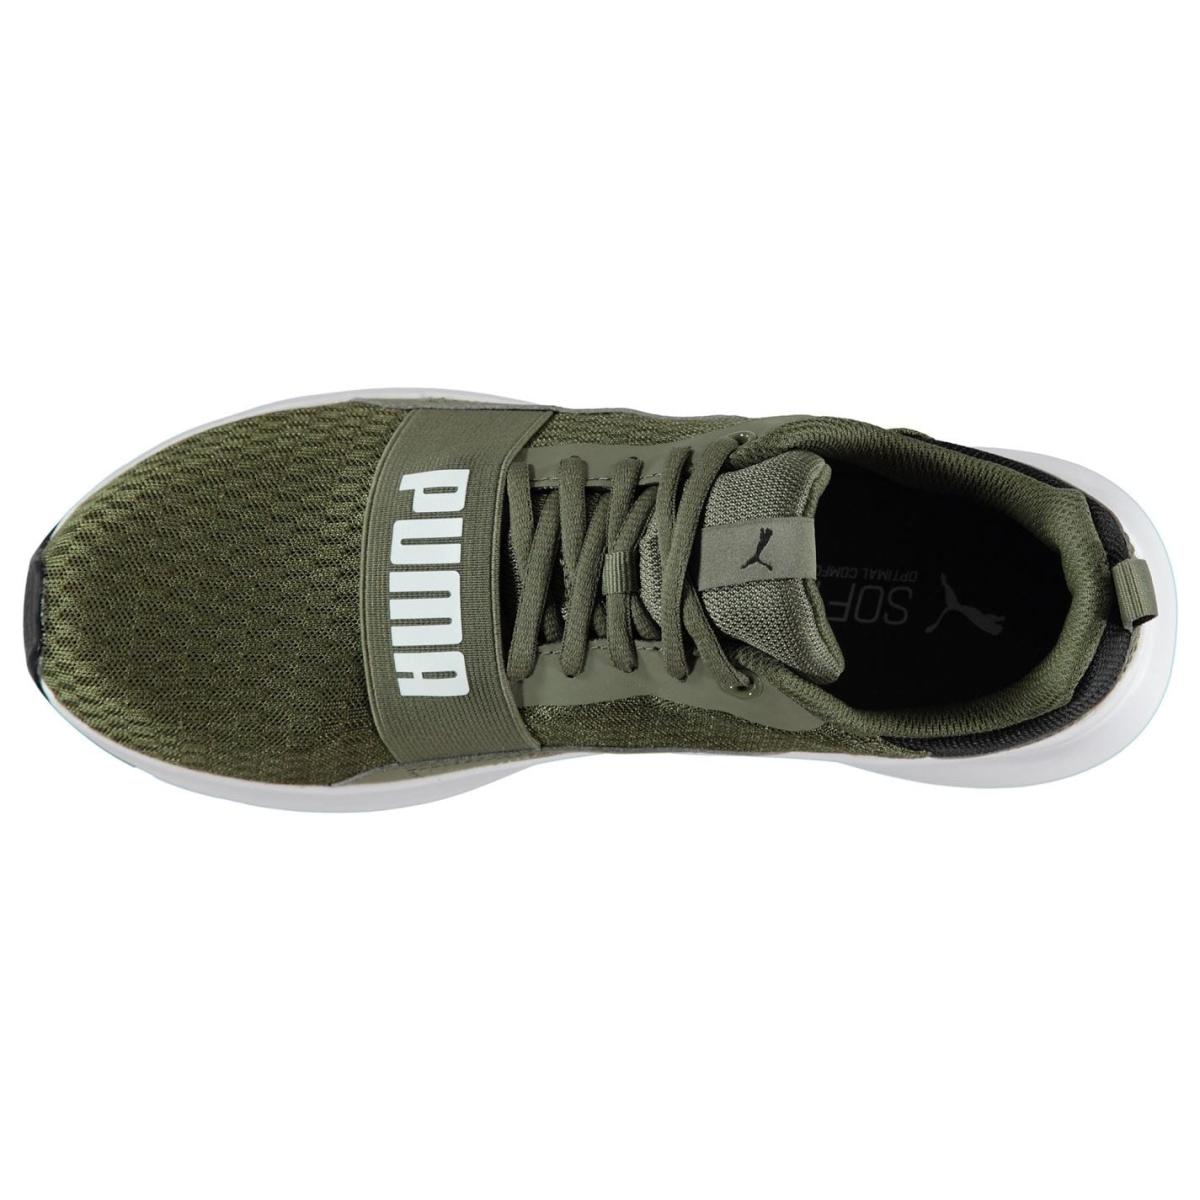 Puma-Wired-senores-zapatillas-de-deporte-zapatillas-para-correr-cortos-calzado-deportivo-fitness miniatura 19